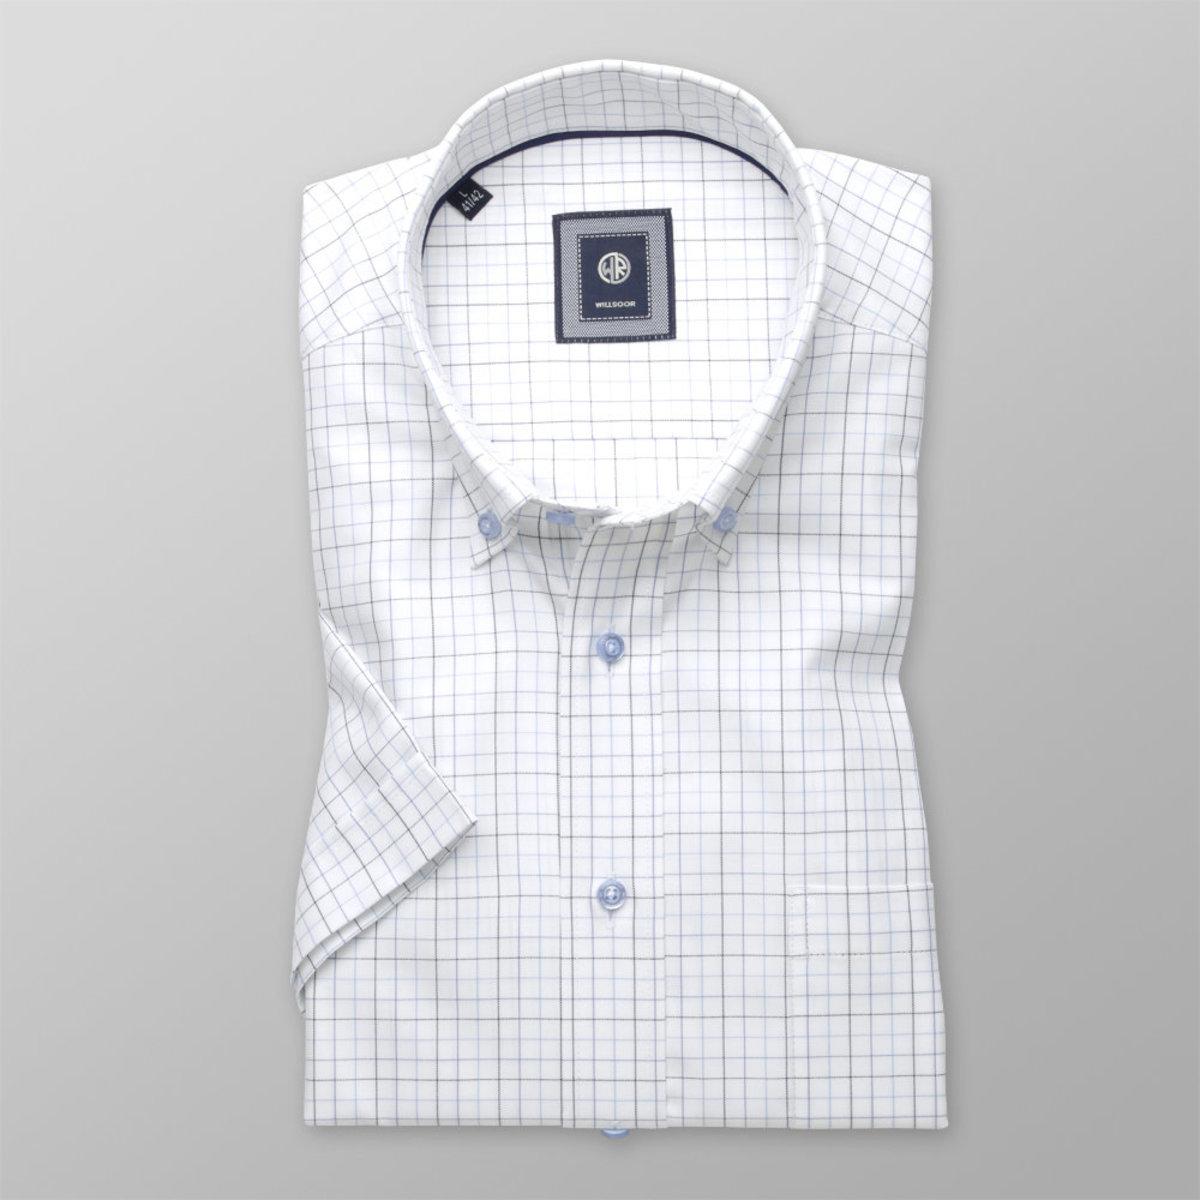 Košeľa Slim Fit jemný károvaný vzor (výška 176 - 182) 10834 176-182 / L (41/42)